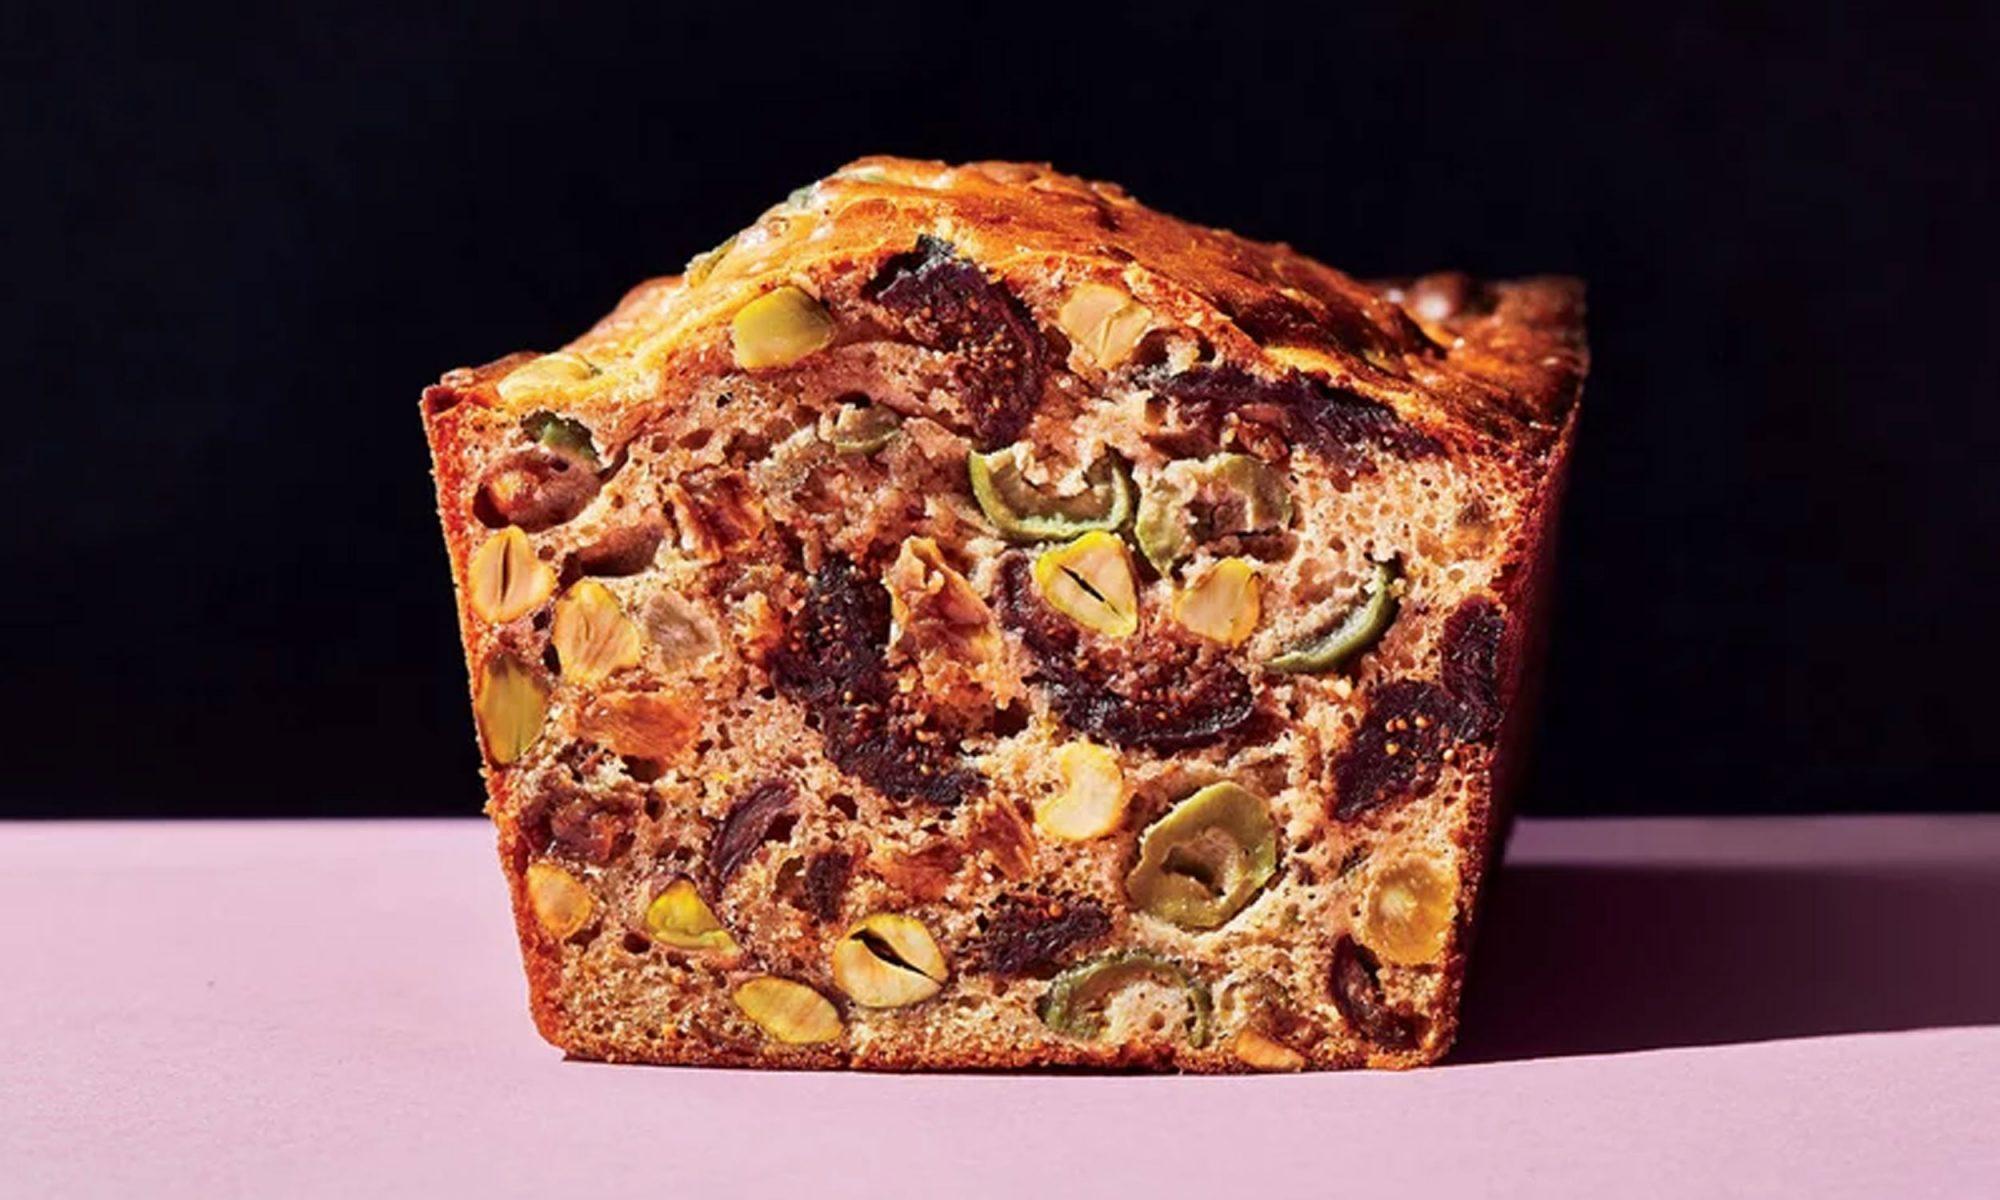 EC: Savory Fruitcake Is Way Better Than Sweet Fruitcake